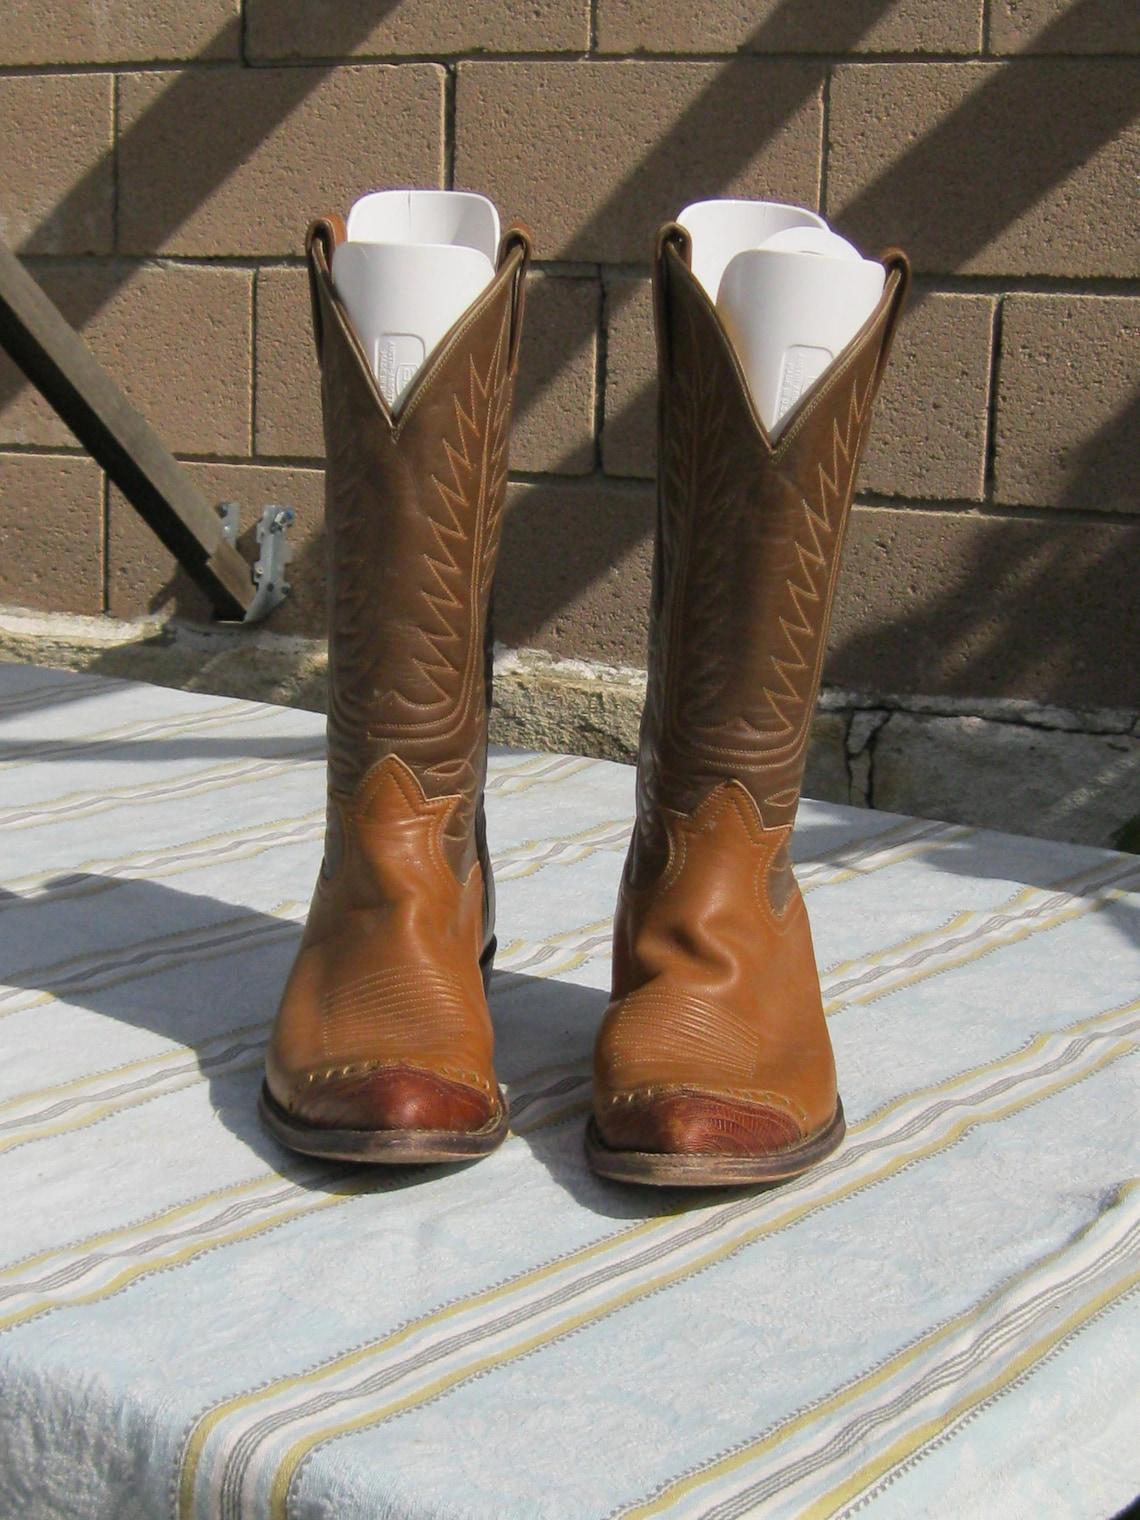 Rare Tony Lama Vintage Cowboy Boots Mens Sz 9d - Big Sale N5sh9